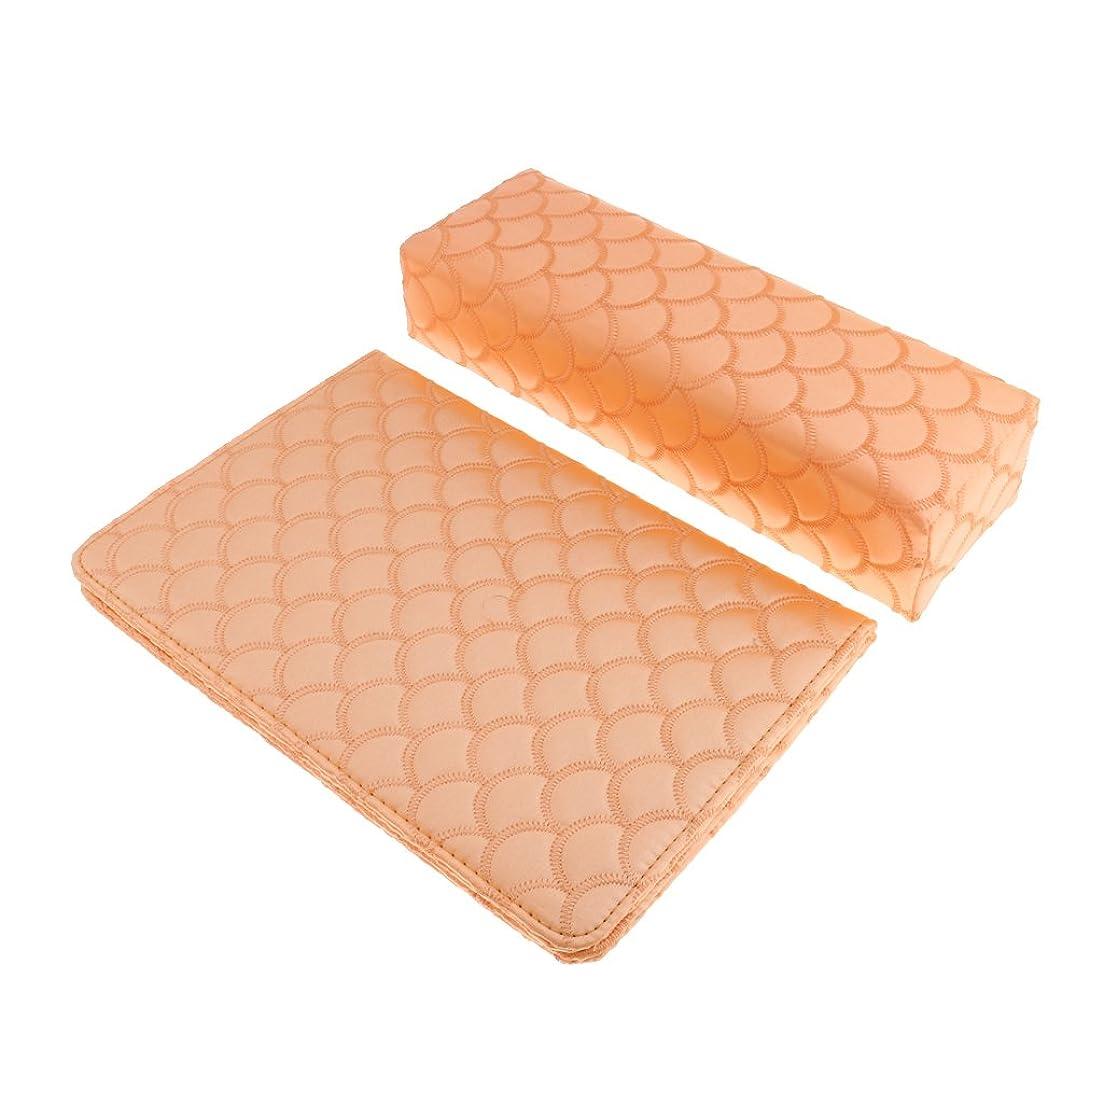 基準発疹クリップBaosity ネイルピローパッド ネイルアート ハンドピロー ハンドクッション 高品質 サテン 多色選べる - オレンジ